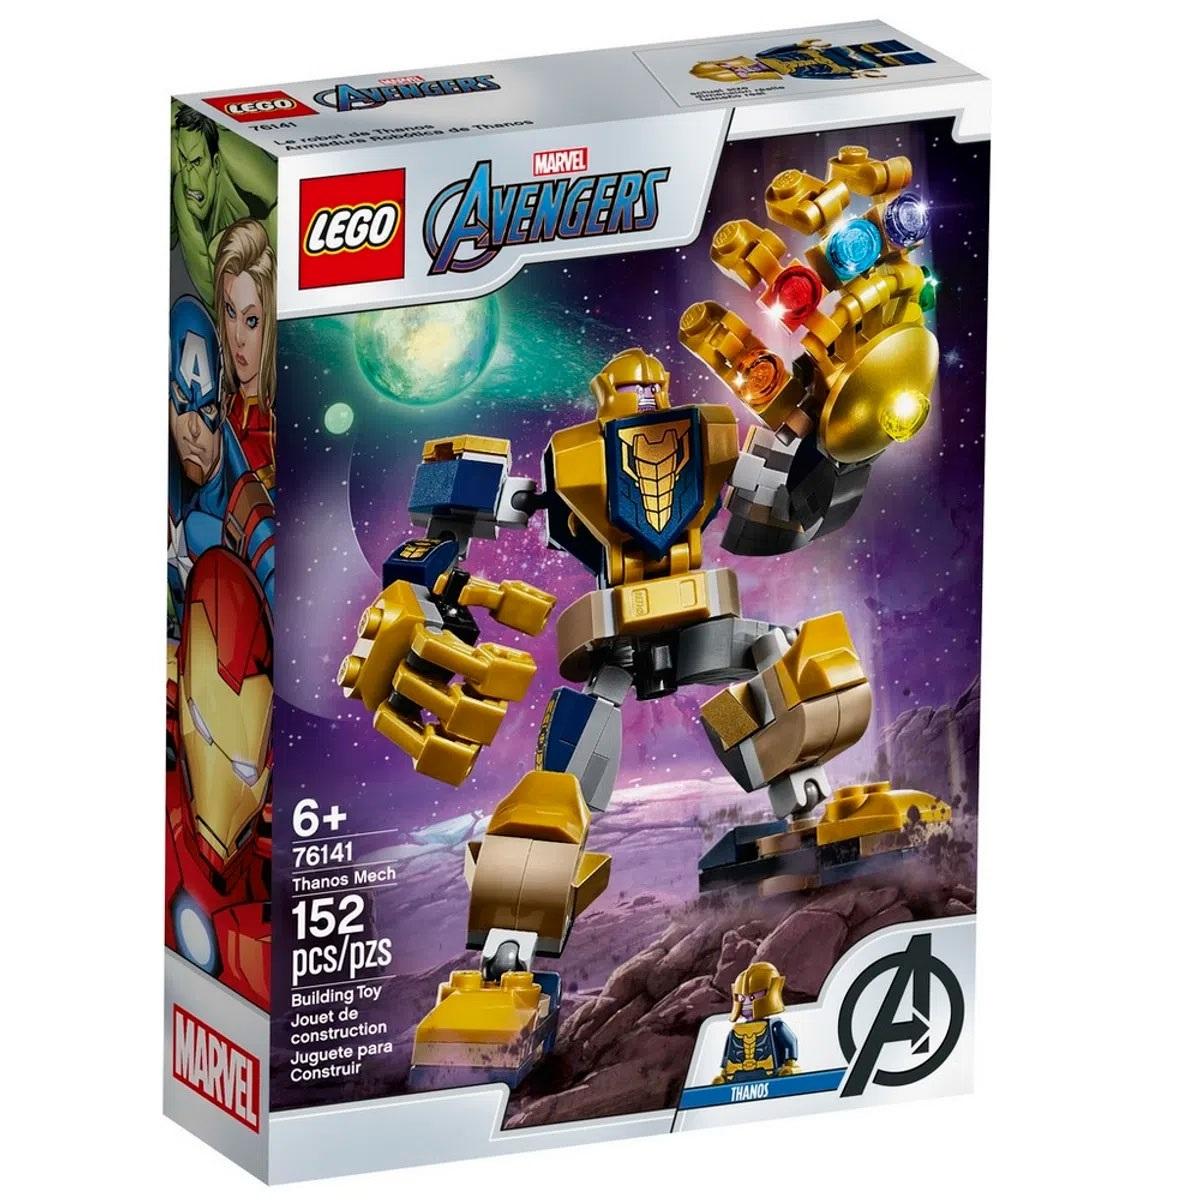 Lego Super Heroes - Marvel - Avengers - Robô Thanos - 152 Peças - 76141